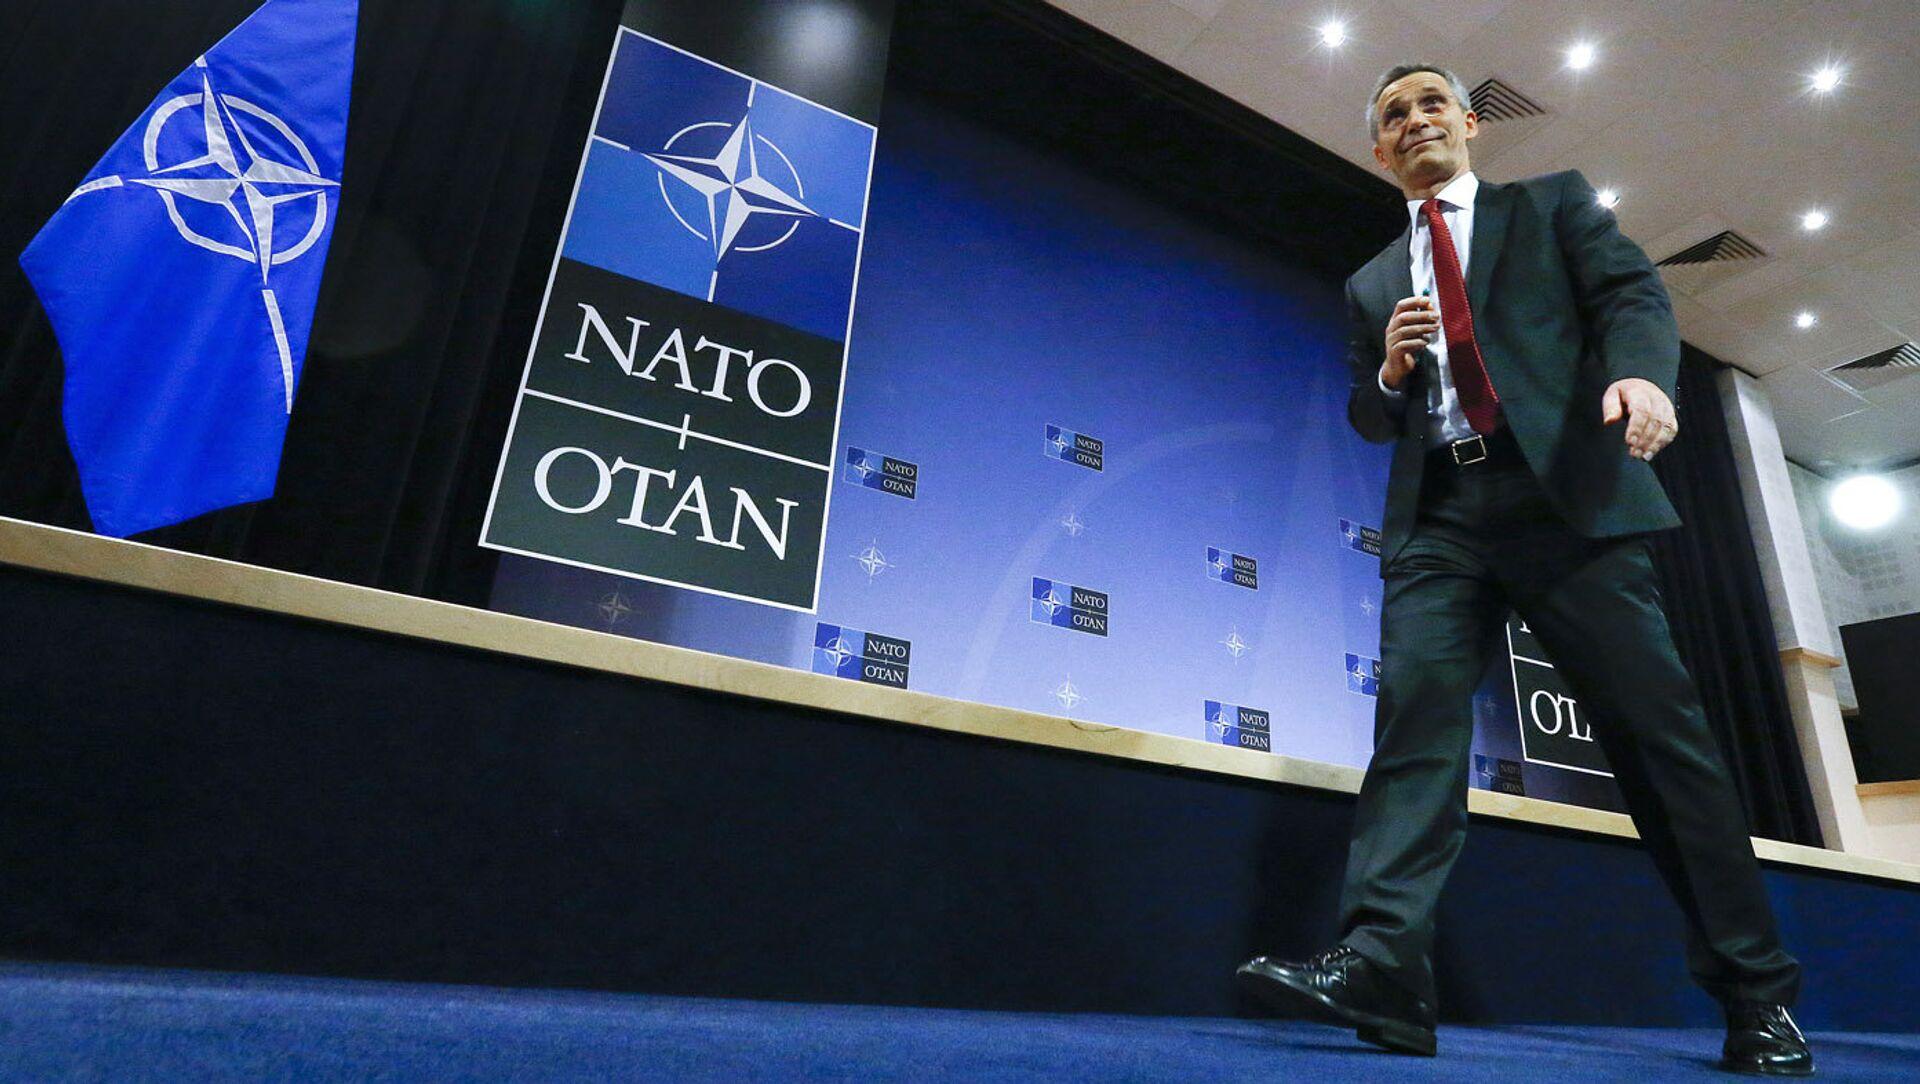 Генеральный секретарь НАТО Йенс Столтенберг на пресс-конференции - Sputnik Latvija, 1920, 07.04.2021